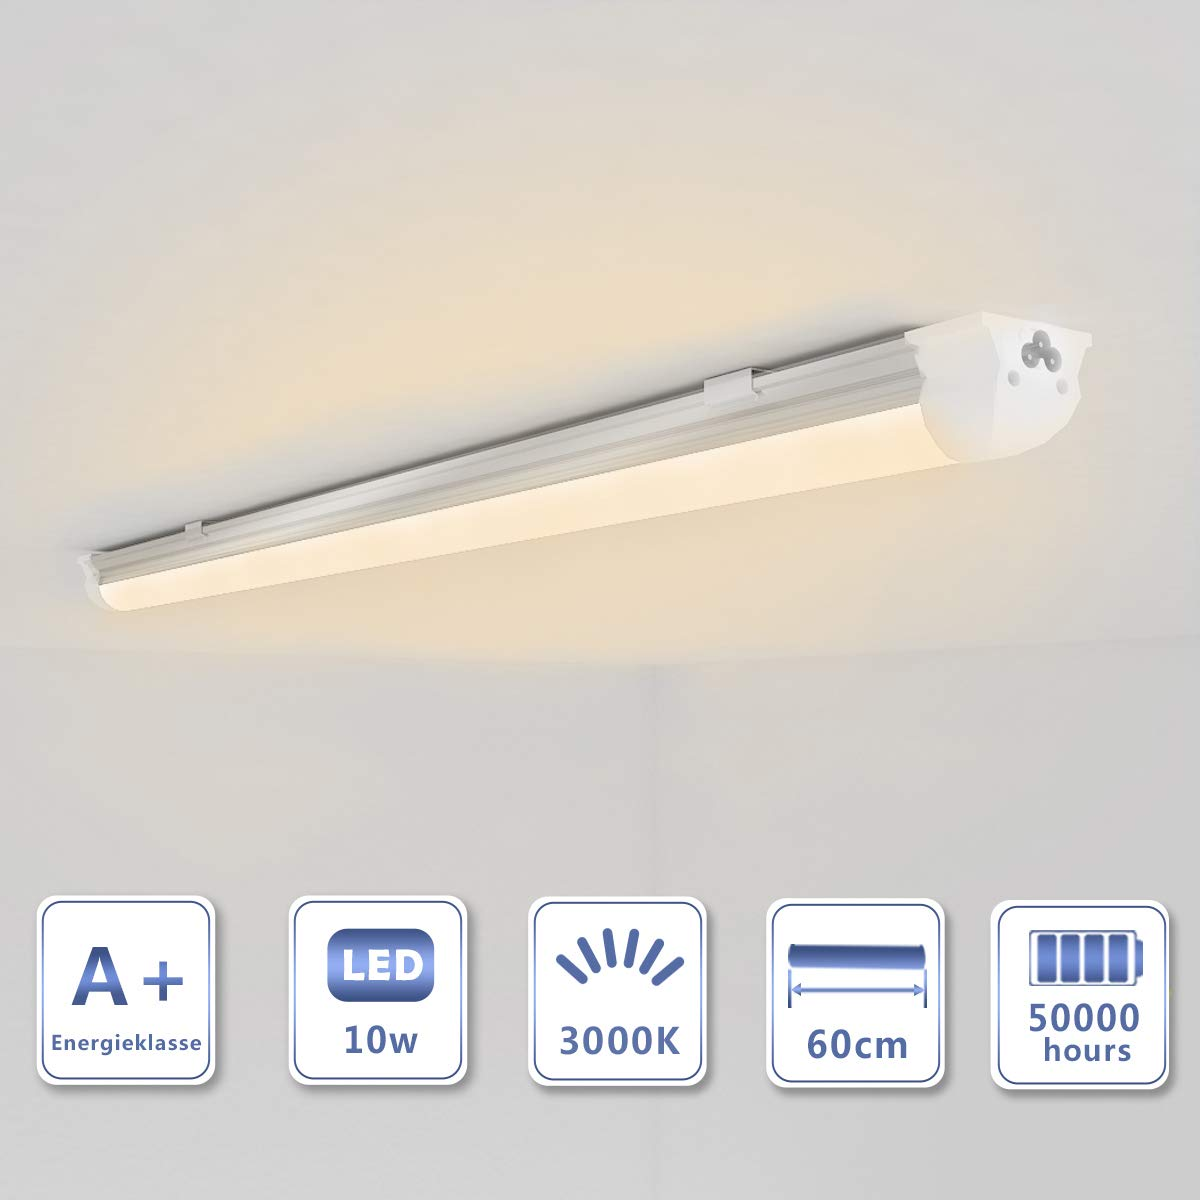 OUBO 60cm LED Leuchtstoffr/öhre komplett Set mit Fassung Neutralweiss 4000K 10W 1300lm Lichtleiste T8 Tube mit milchiger Deck